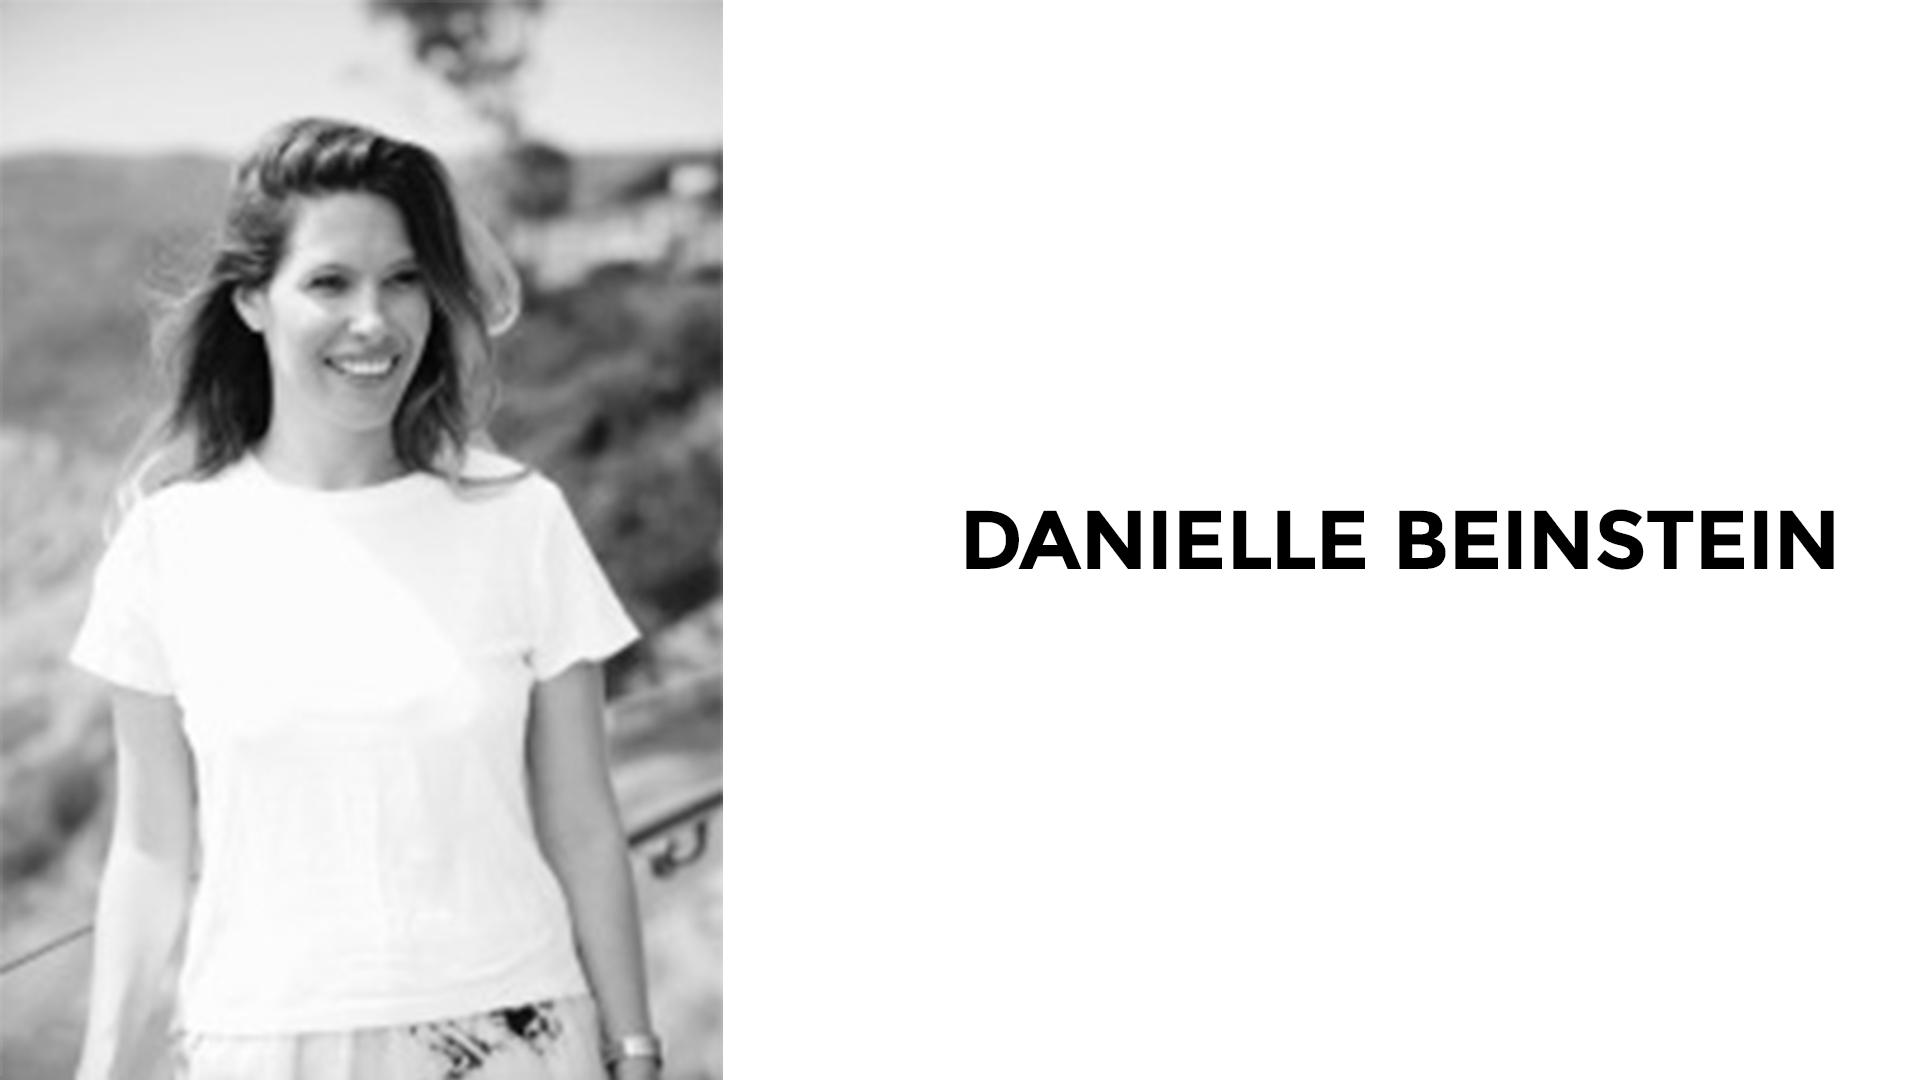 DANIELLE BEINSTEIN.jpg